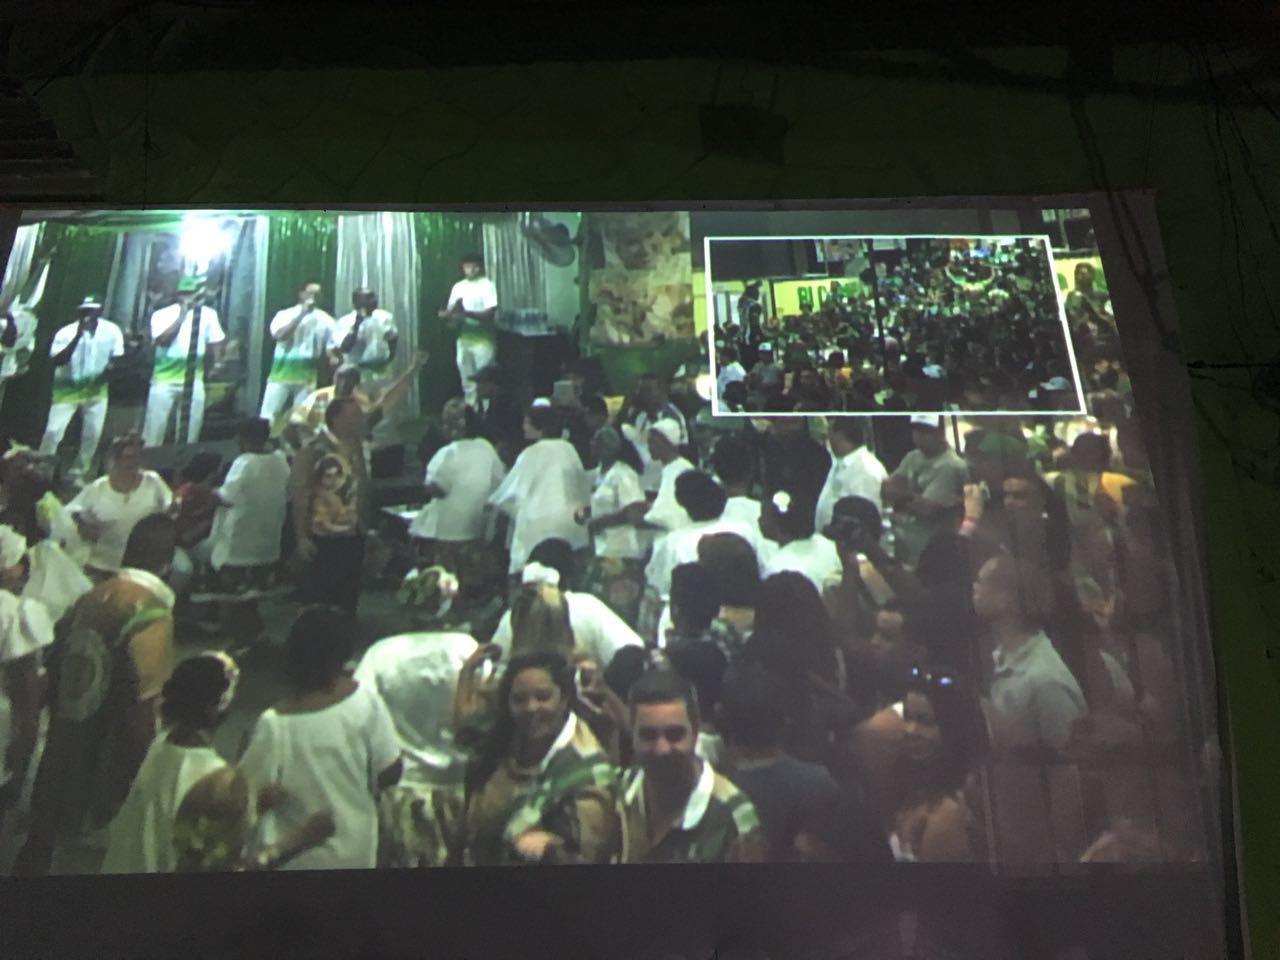 imagens-do-telao-1